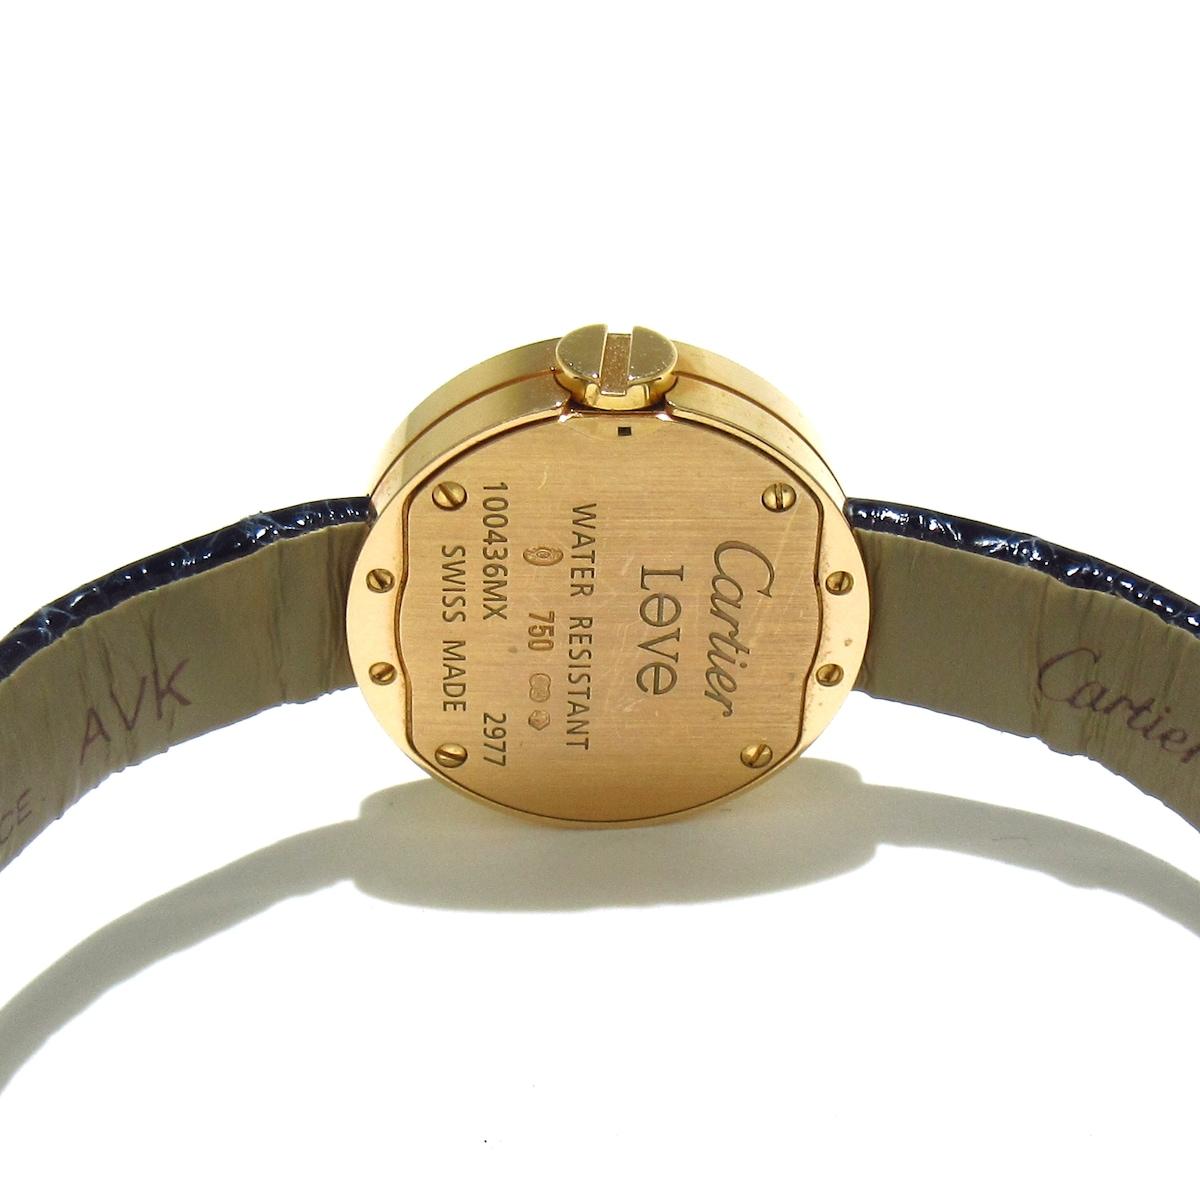 Cartier(カルティエ)のラブウォッチ